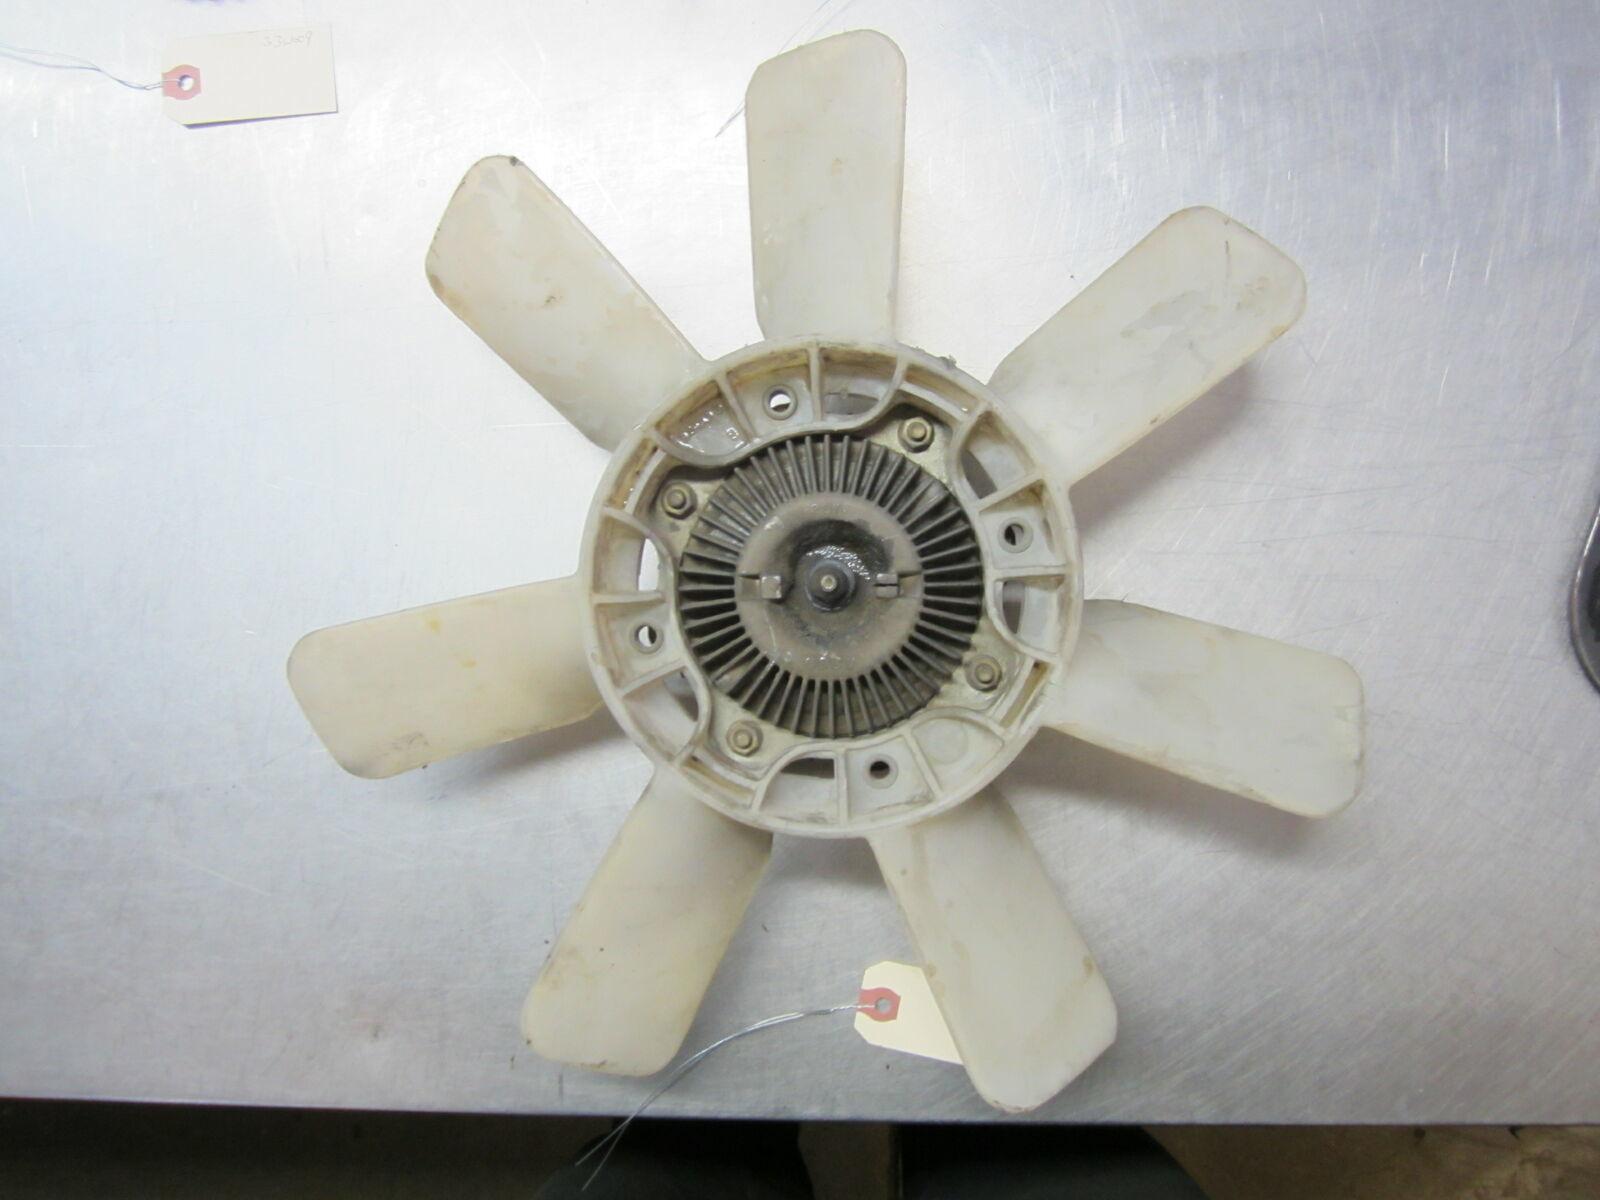 33W002 Cooling Fan 1993 Toyota 4Runner 2.4  - $65.00